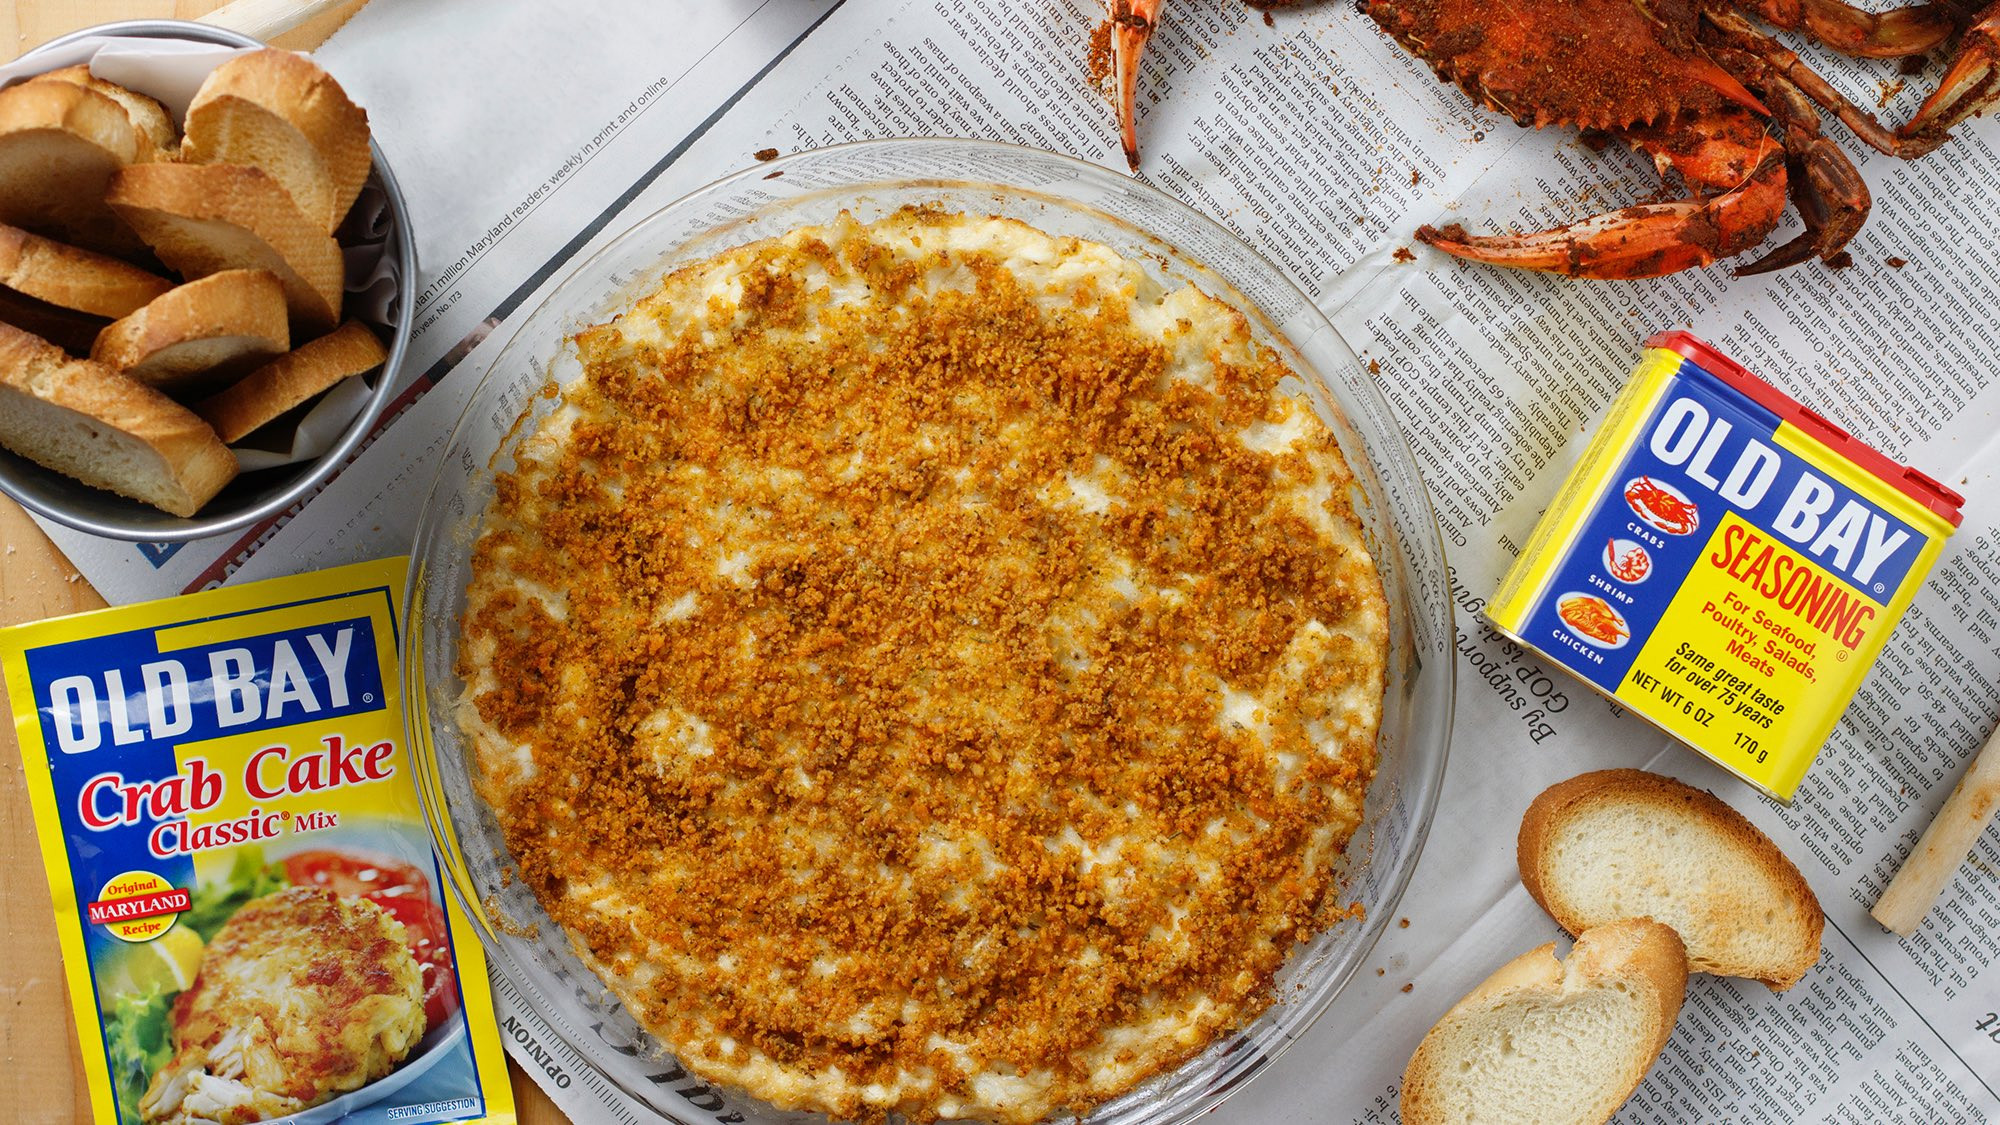 Old Bay Crab Cake Recipe  Maryland OLD BAY Crab Cake Dip